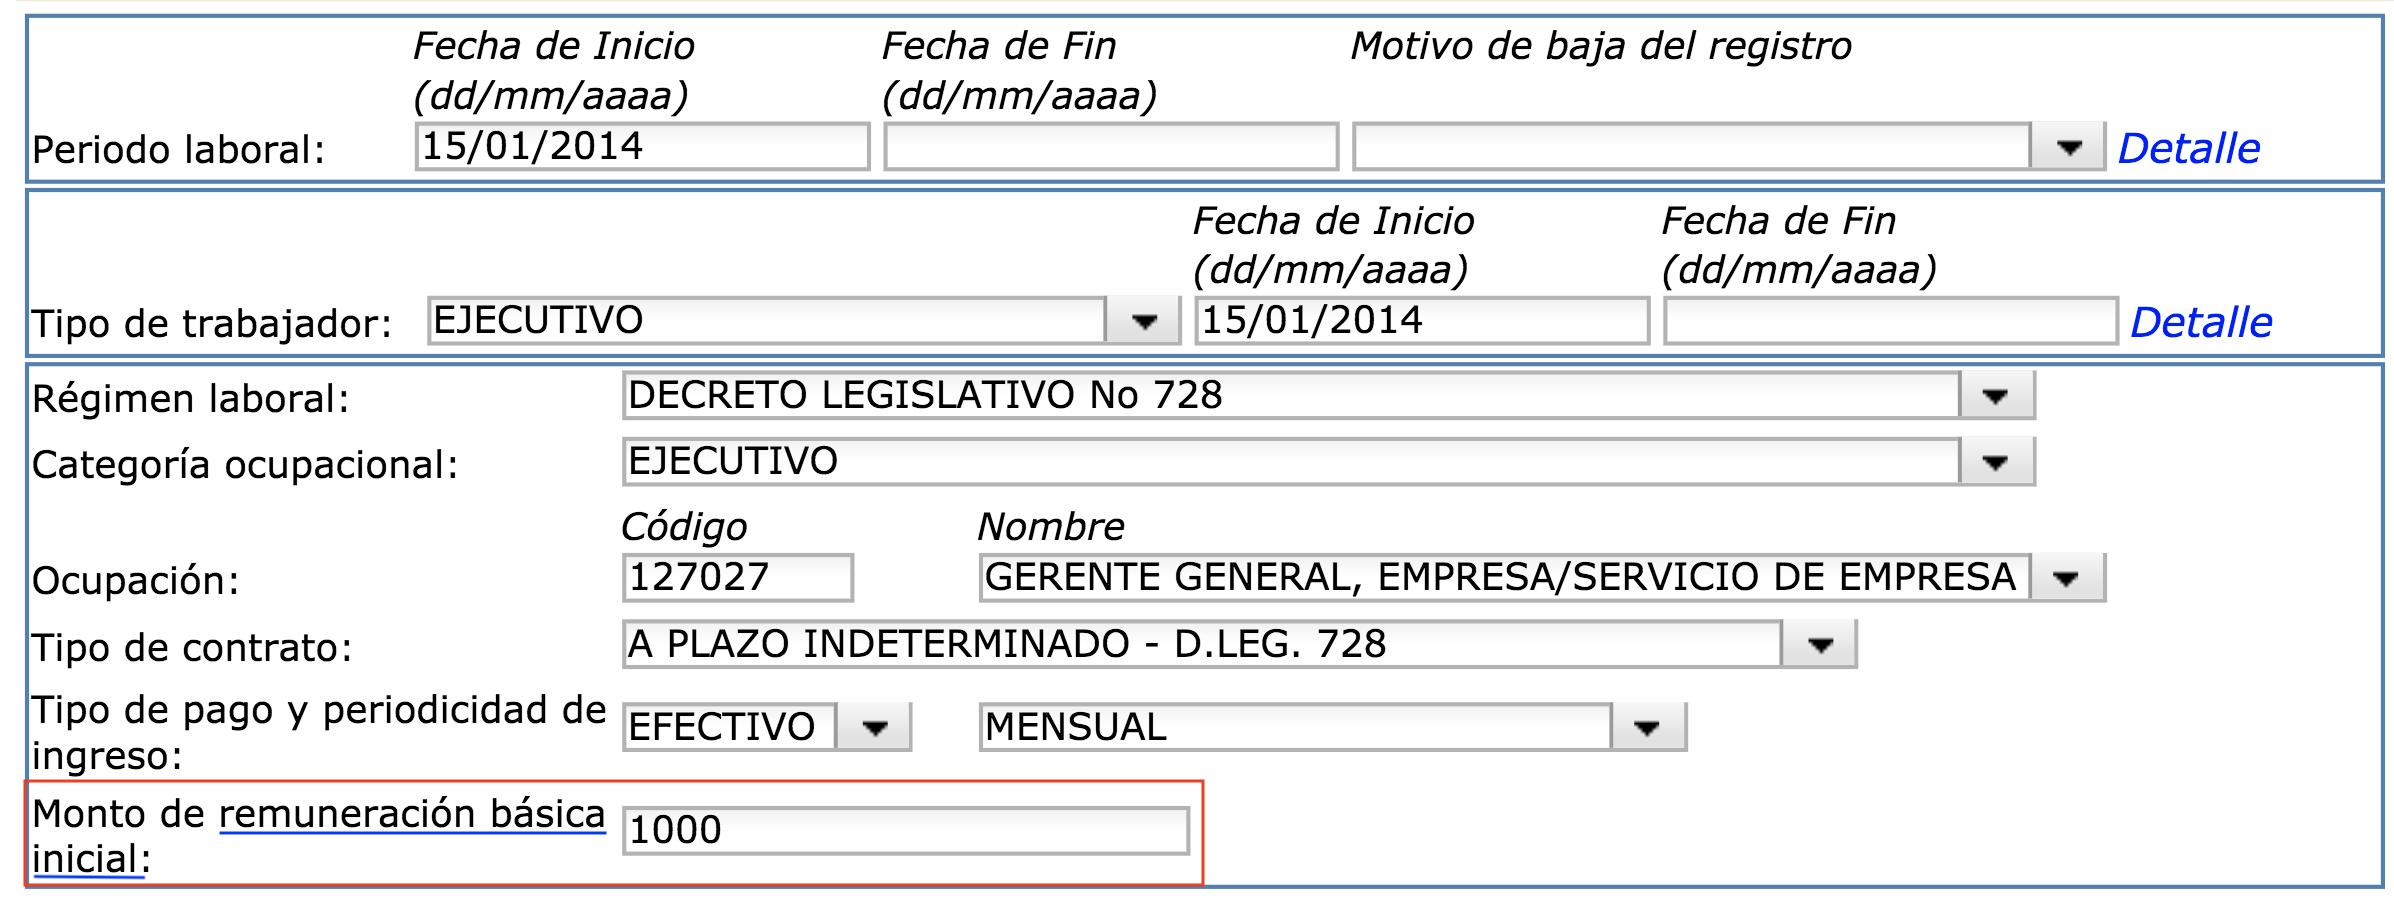 RMV-T-Registro